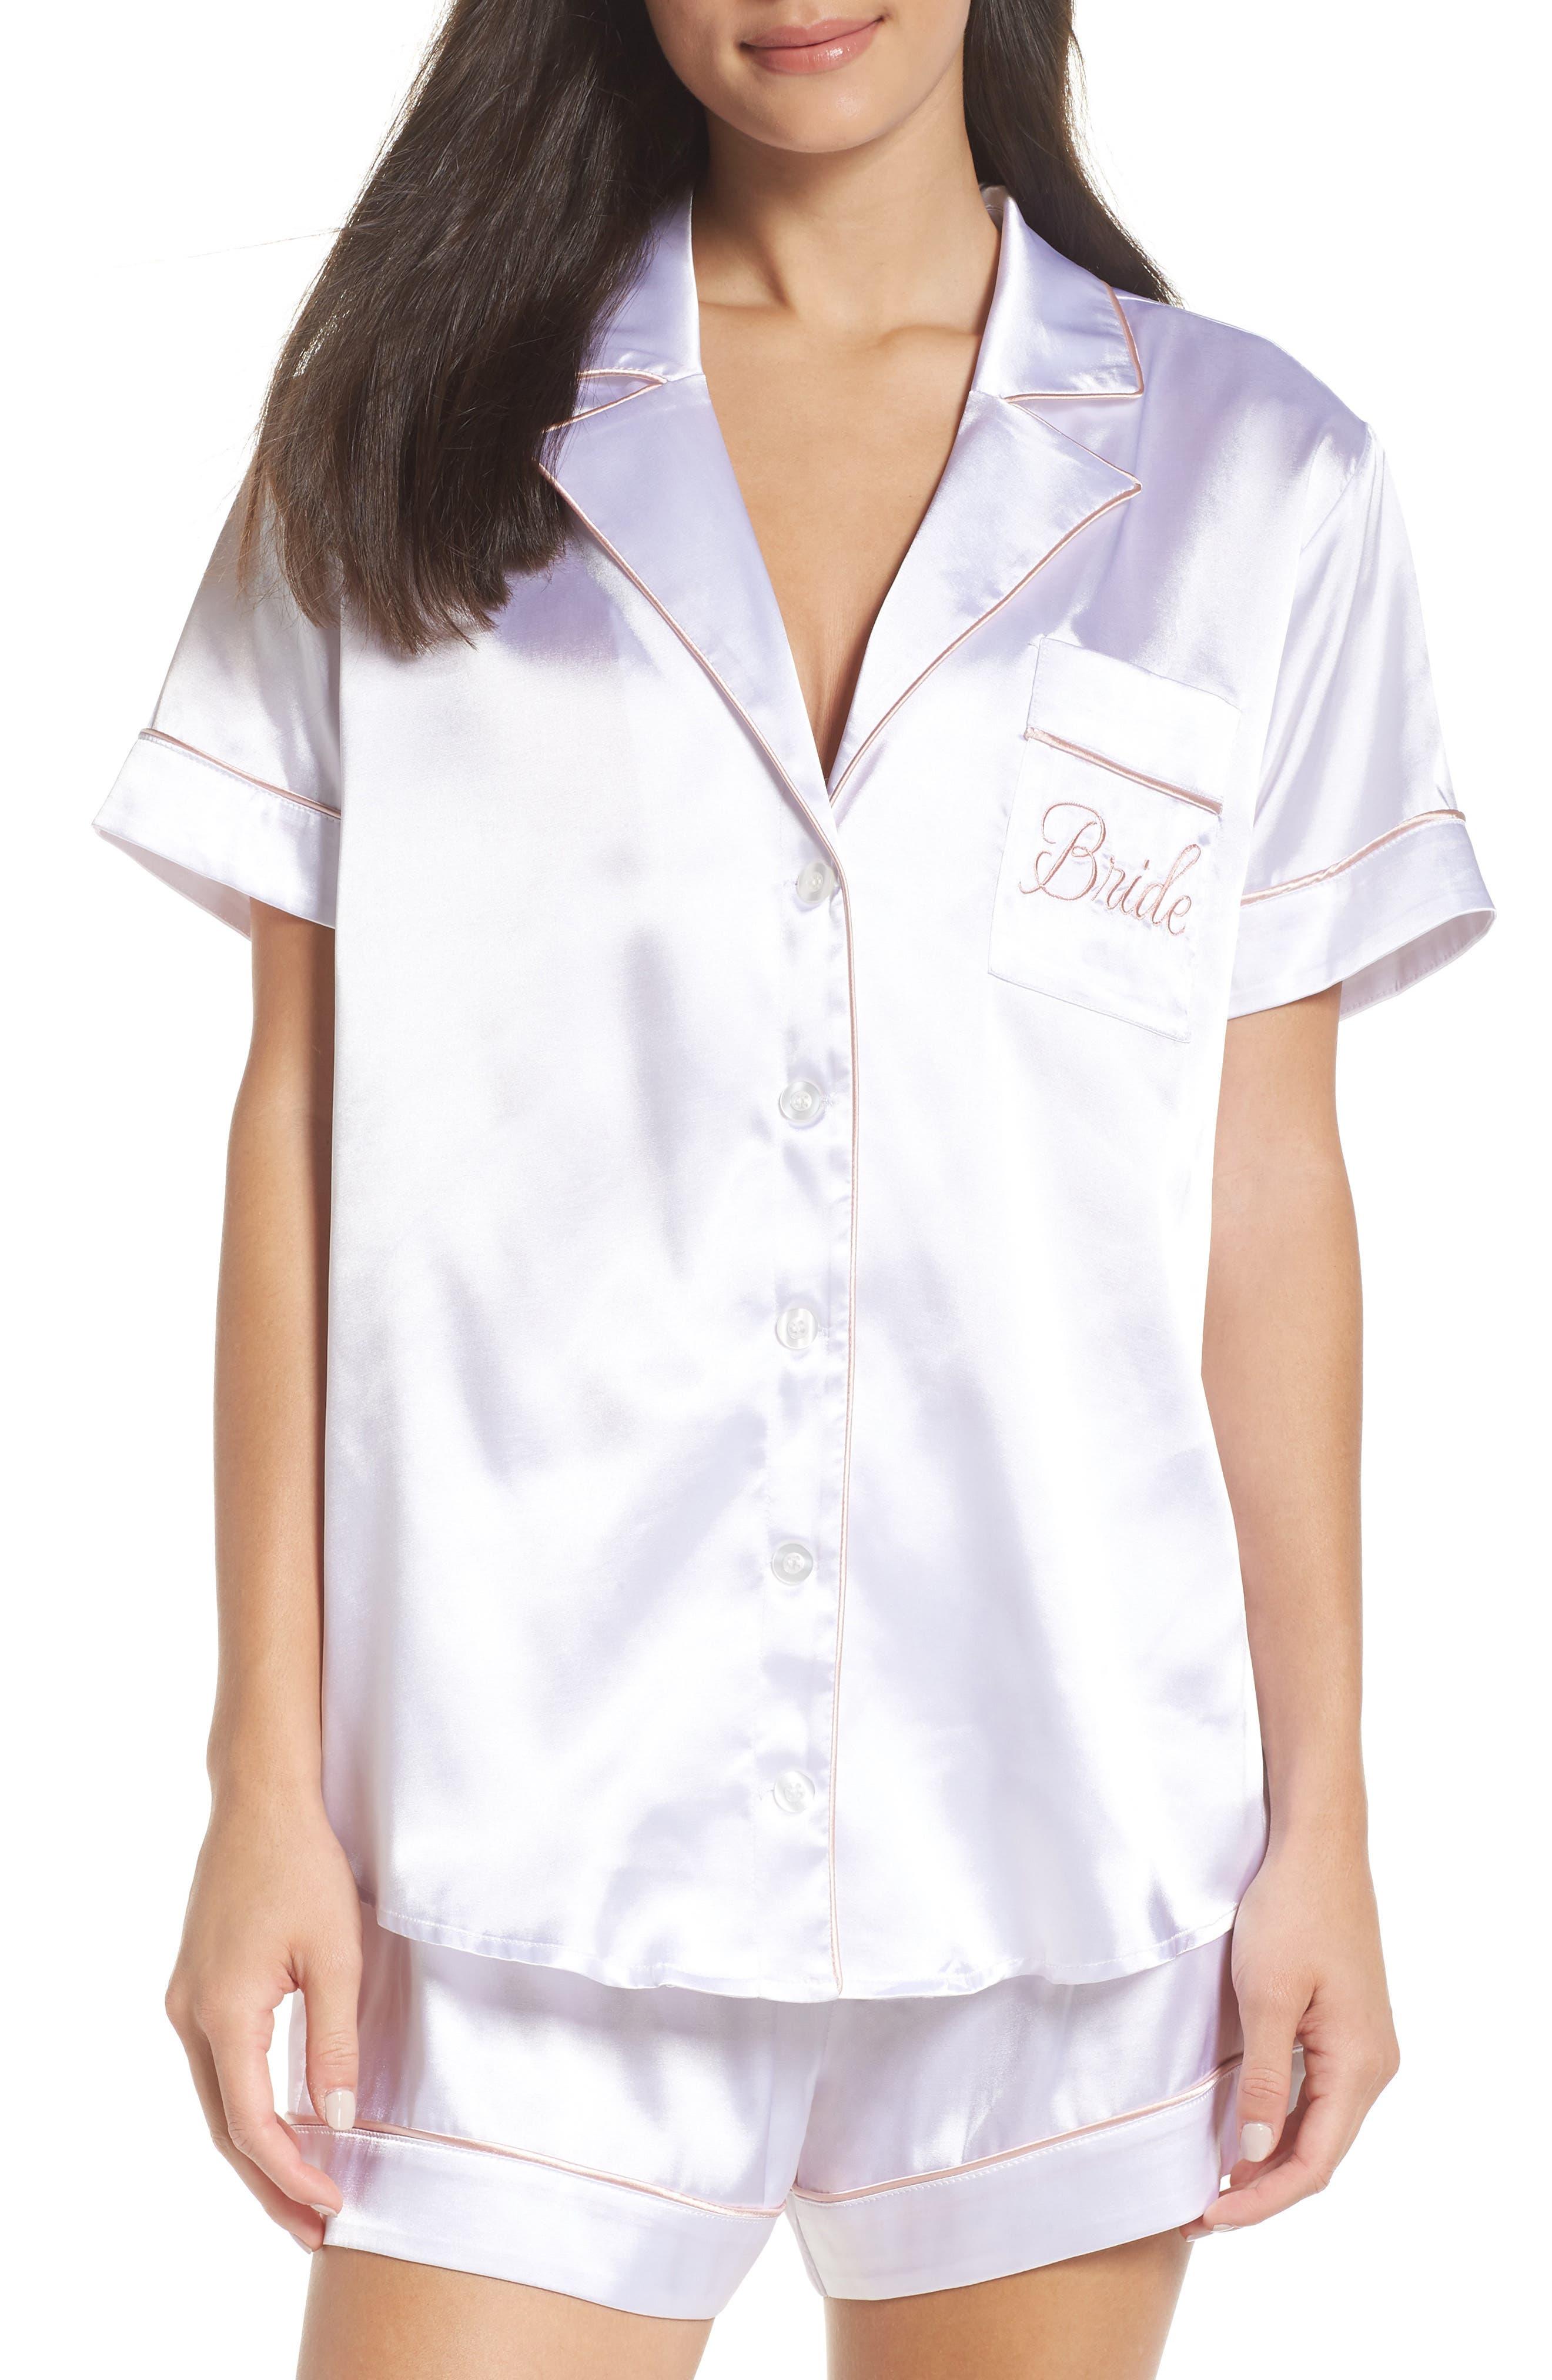 Bride Short Satin Pajamas, Main, color, 100